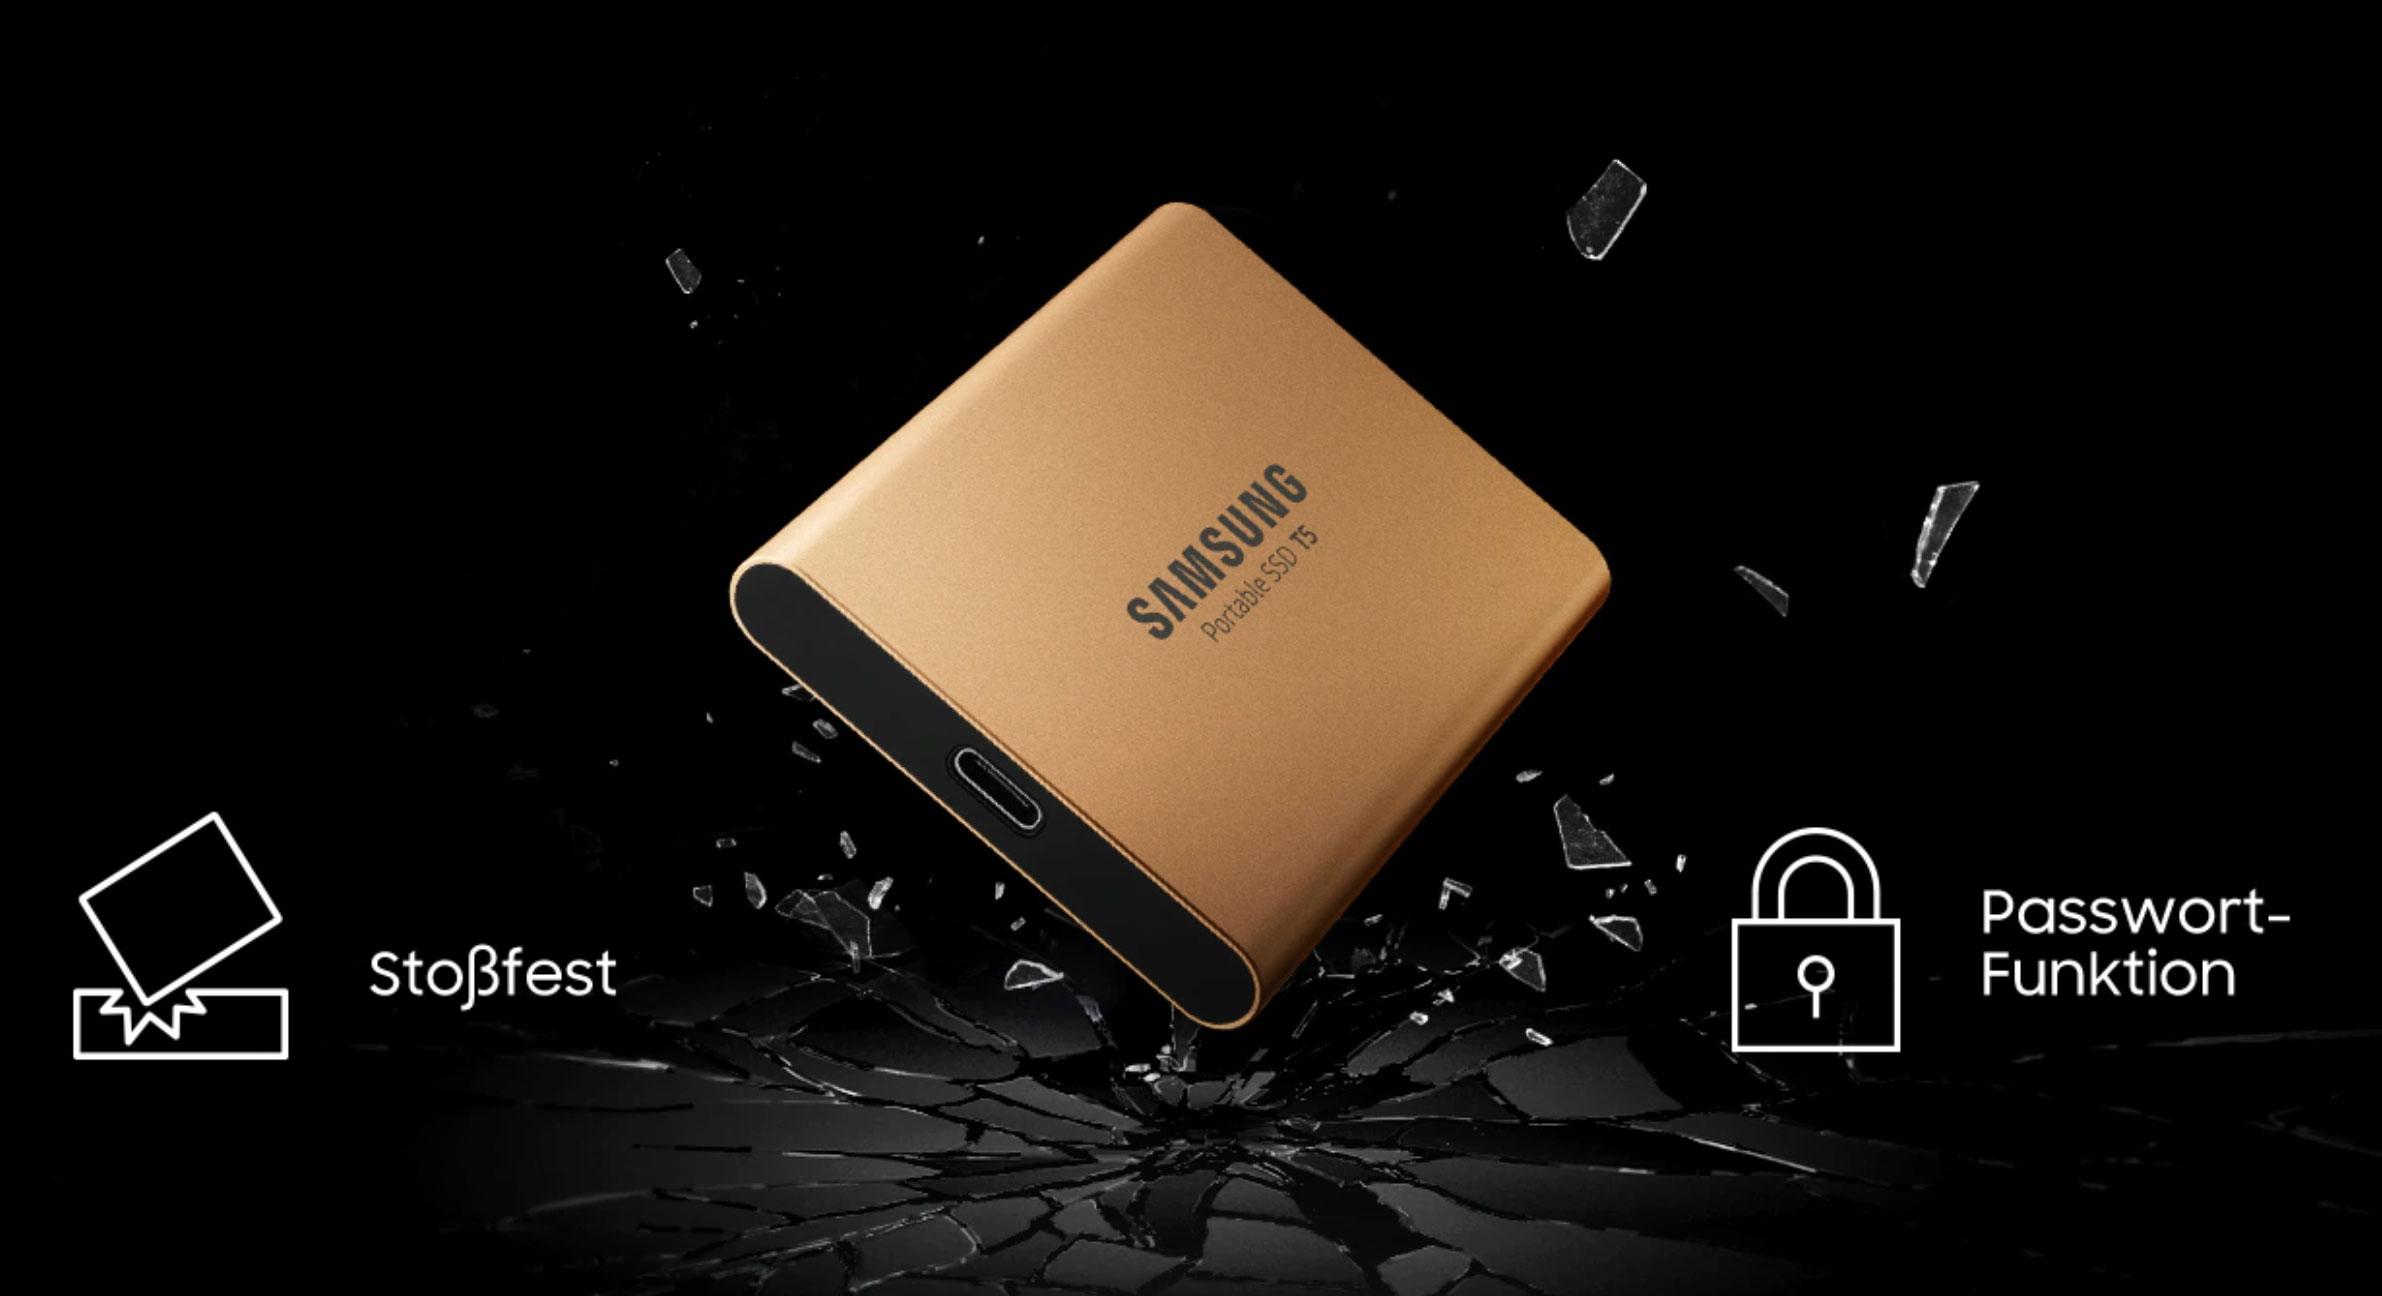 مشخصات و قیمت حافظه SSD اکسترنال سامسونگ مدل T5 با ظرفیت 1 ترابایت